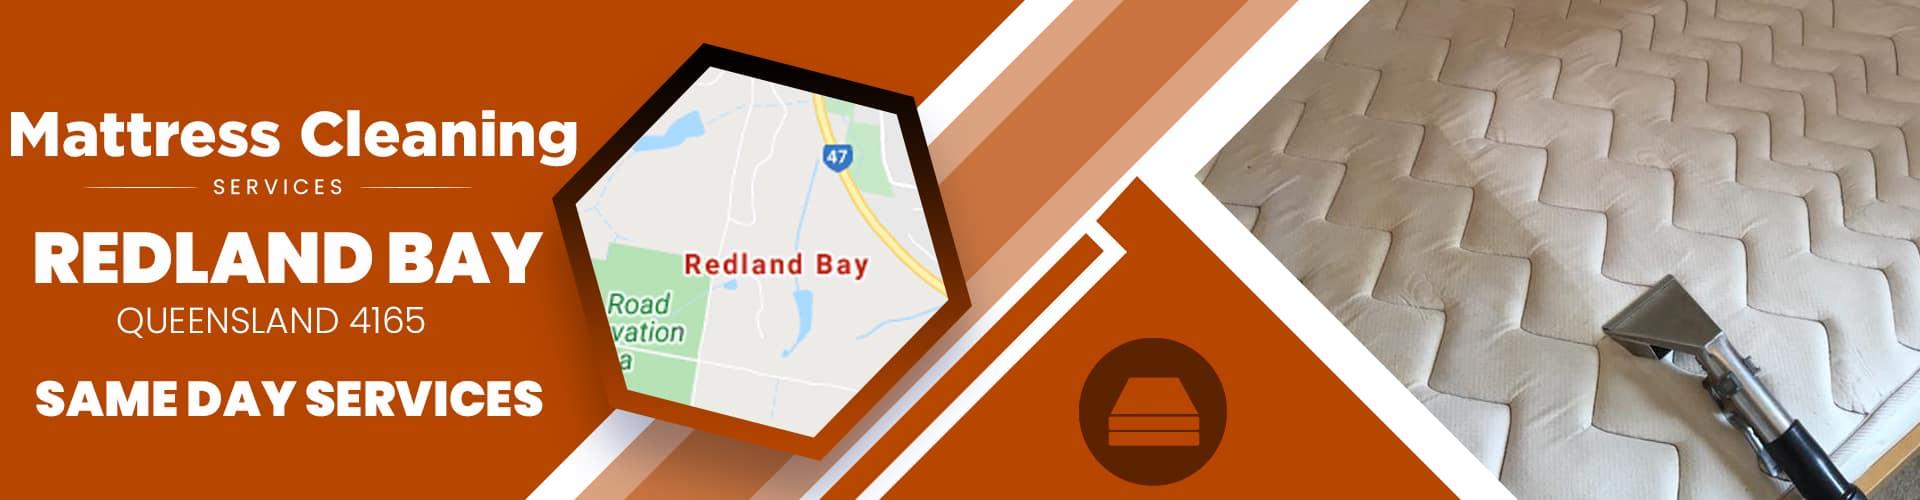 Mattress Cleaning Redland Bay